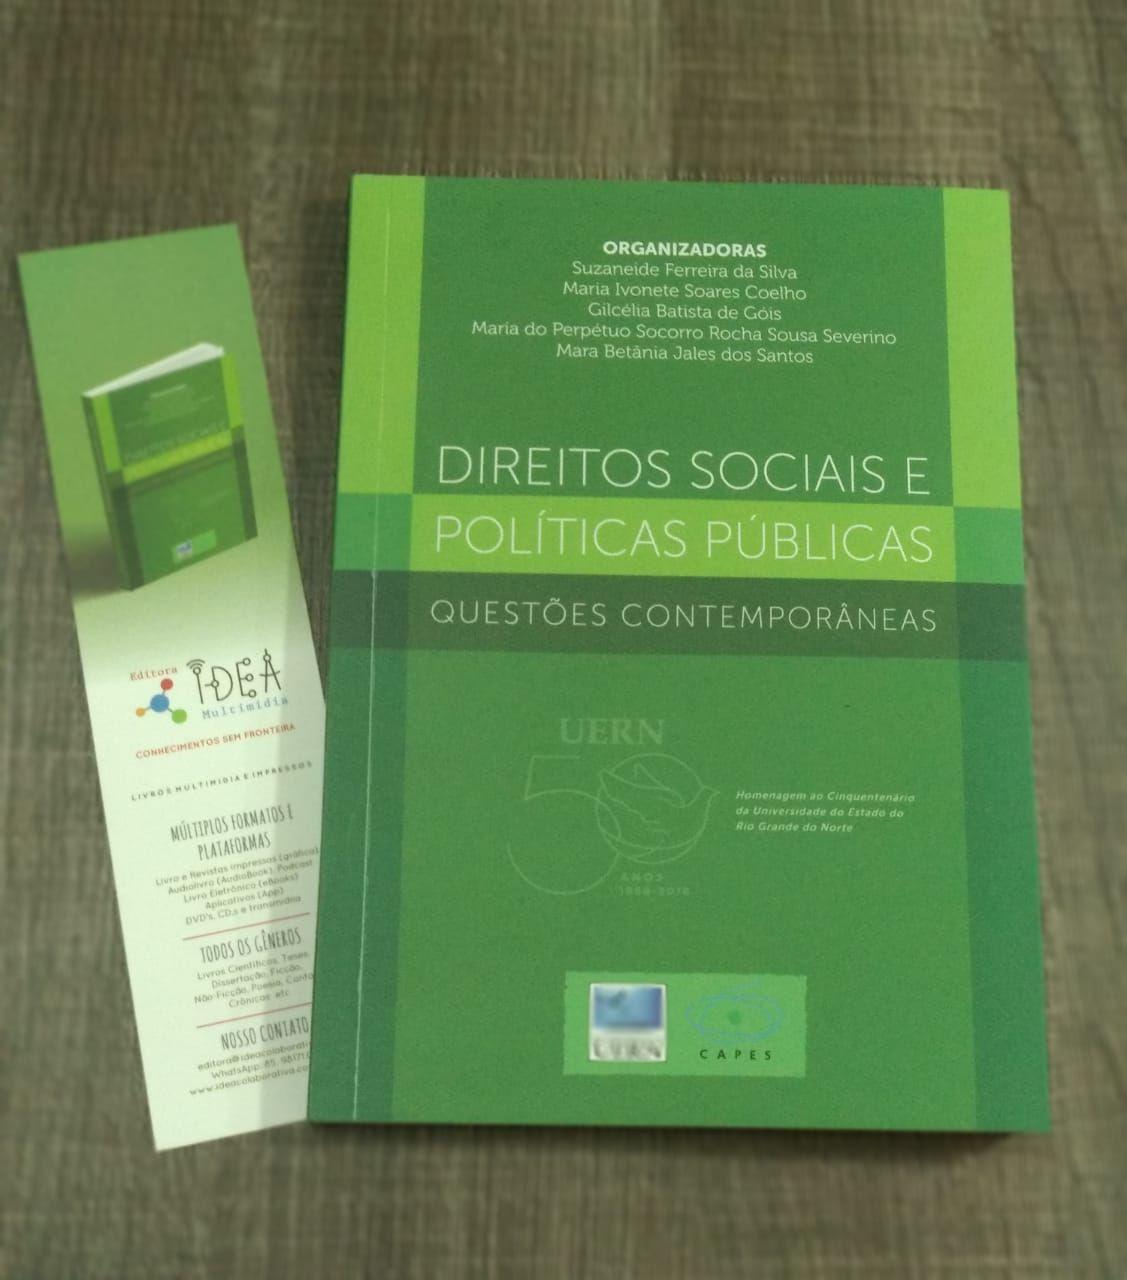 Direitos sociais e politicas publicas